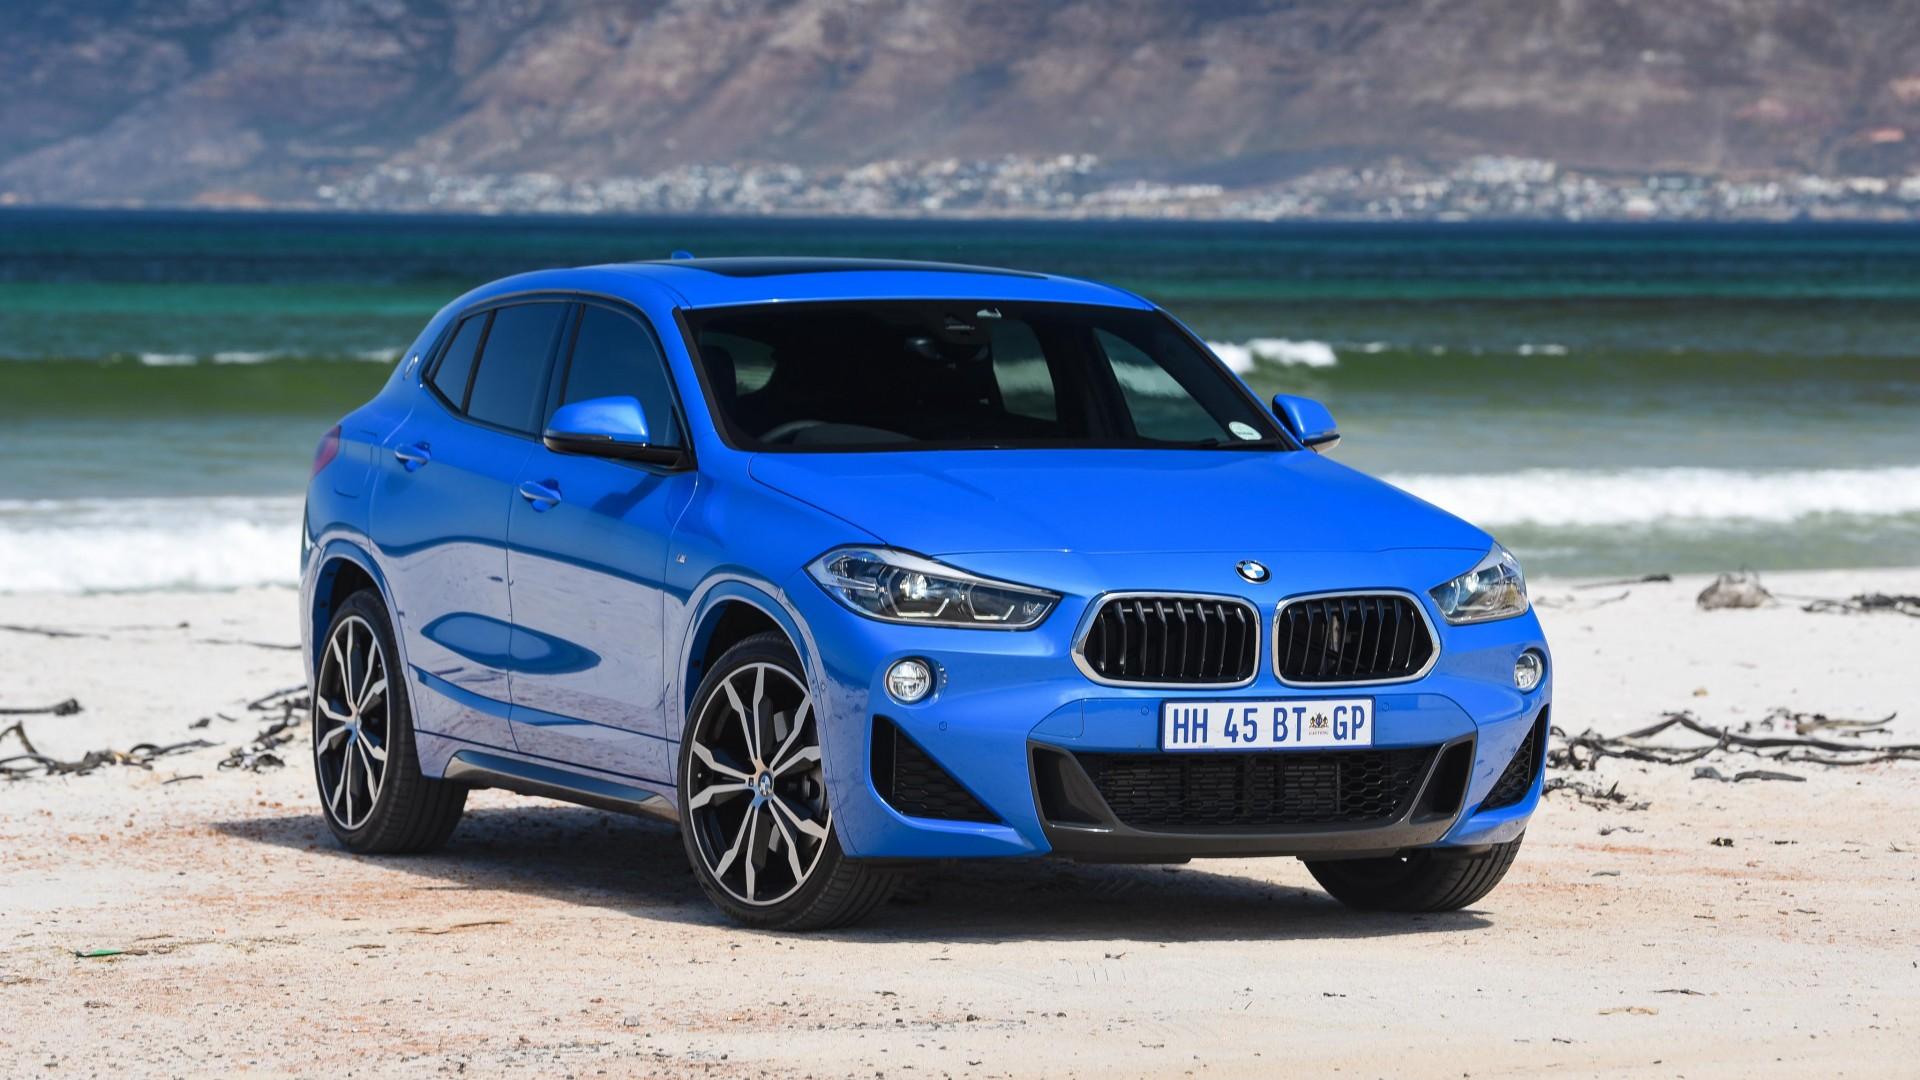 2018 BMW X2 sDrive20i M Sport 4K Wallpaper | HD Car ...